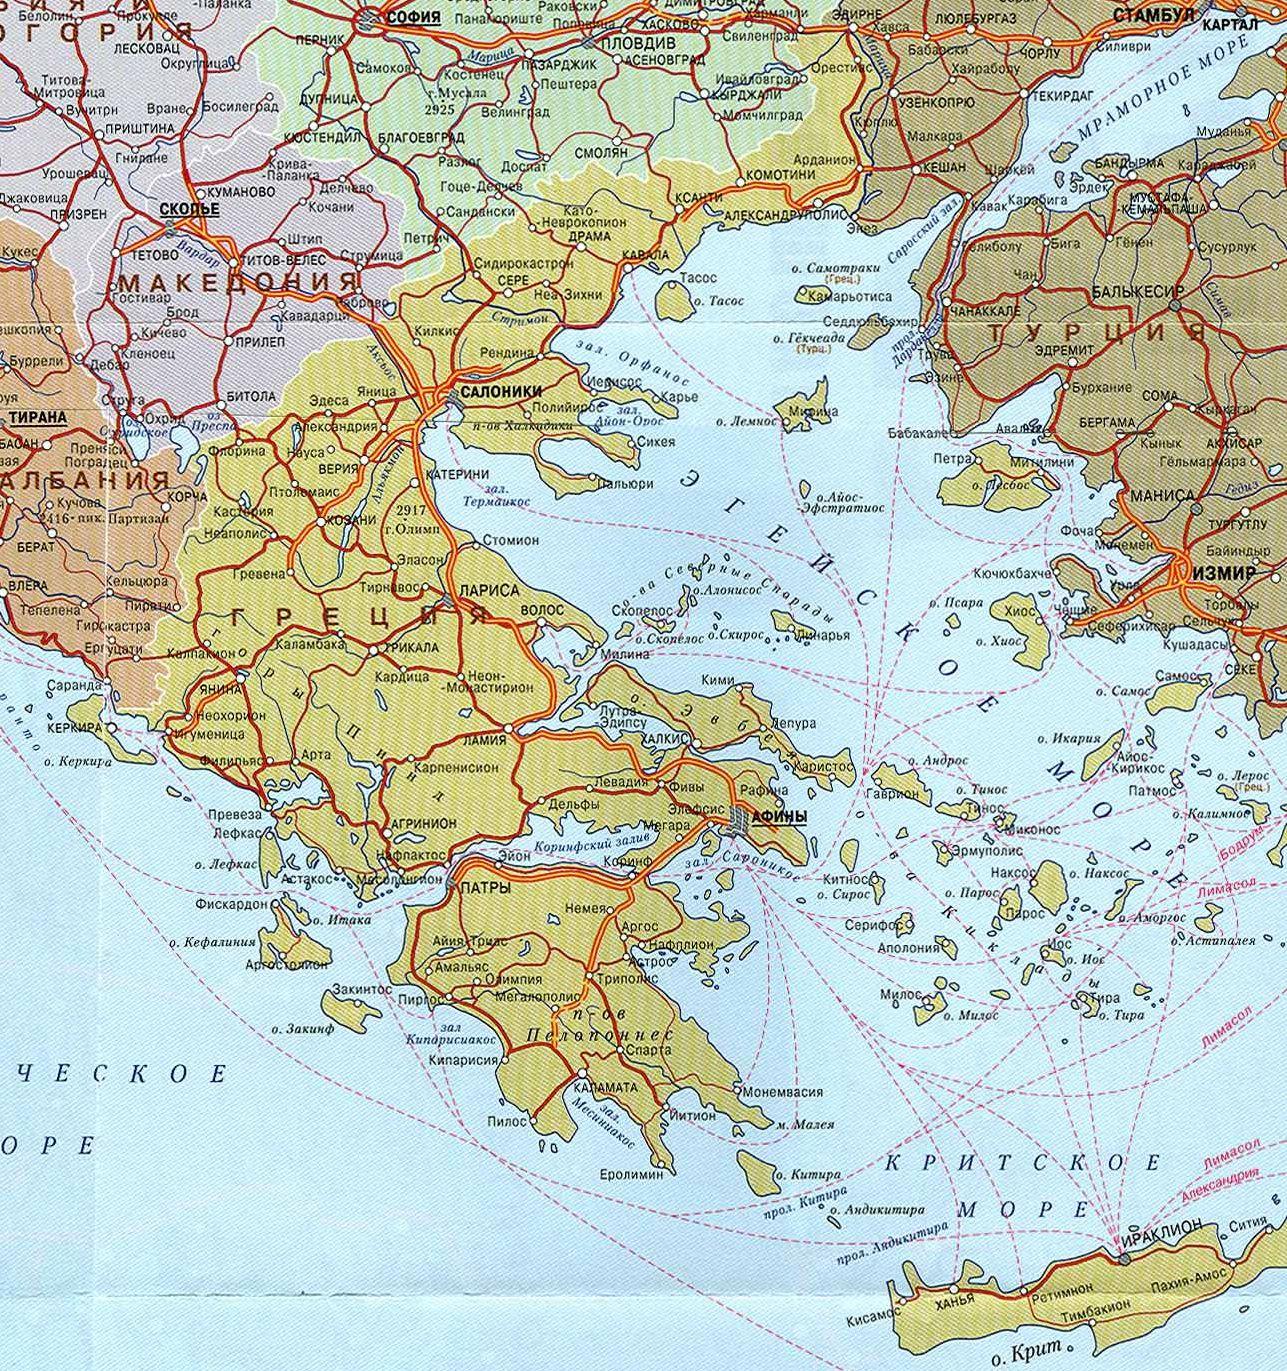 Где находится Греция Карта Греции Скачать карту Греции Курорты  Карта Греции Где находится Греция